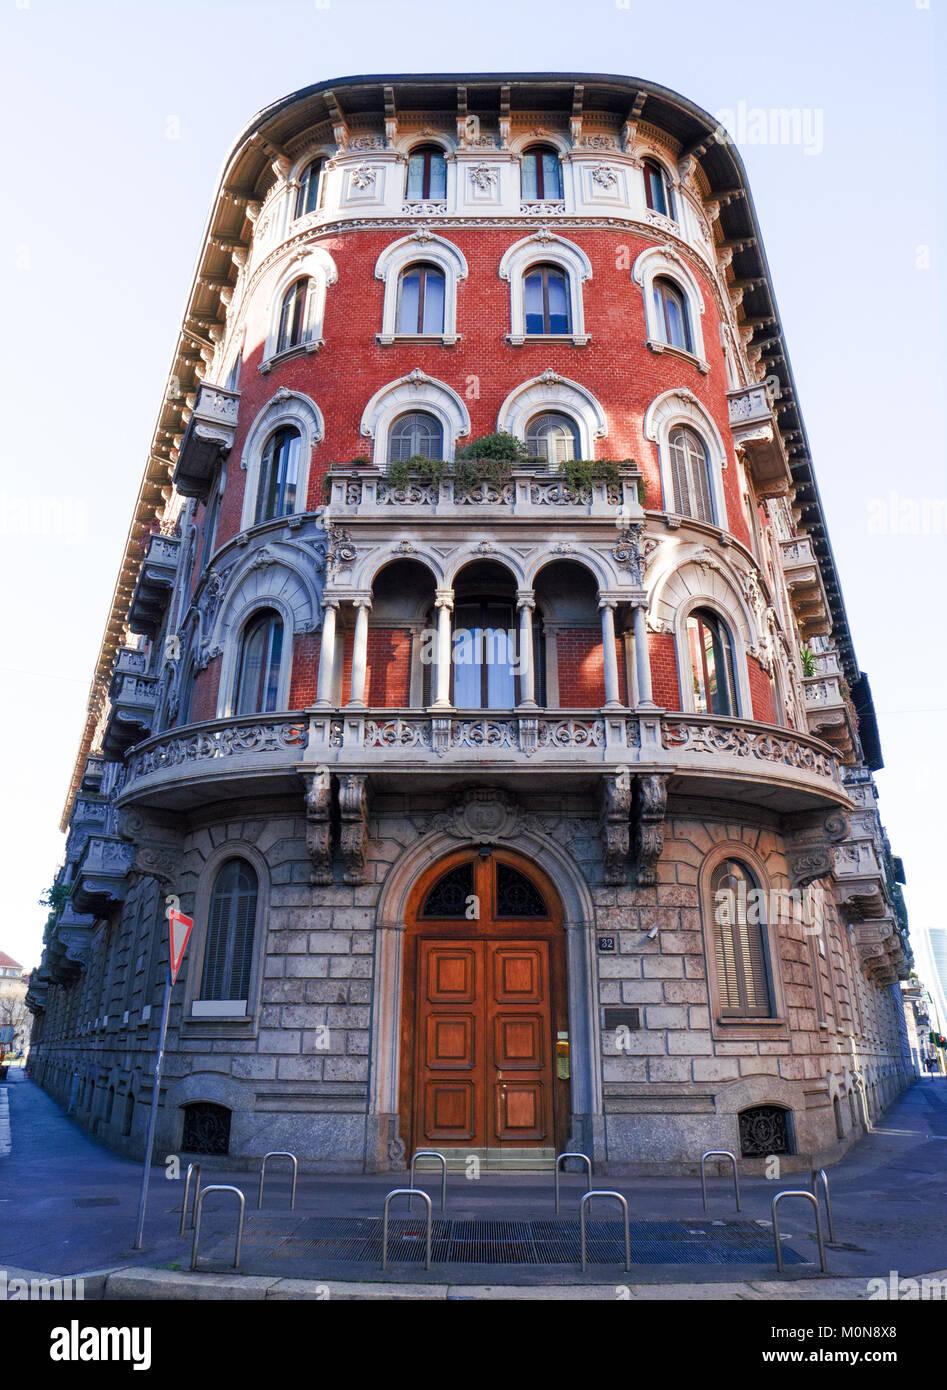 Edificio colorato, facciata in mattoni rossi di un vecchio stile liberty palace nel centro di Milano Immagini Stock